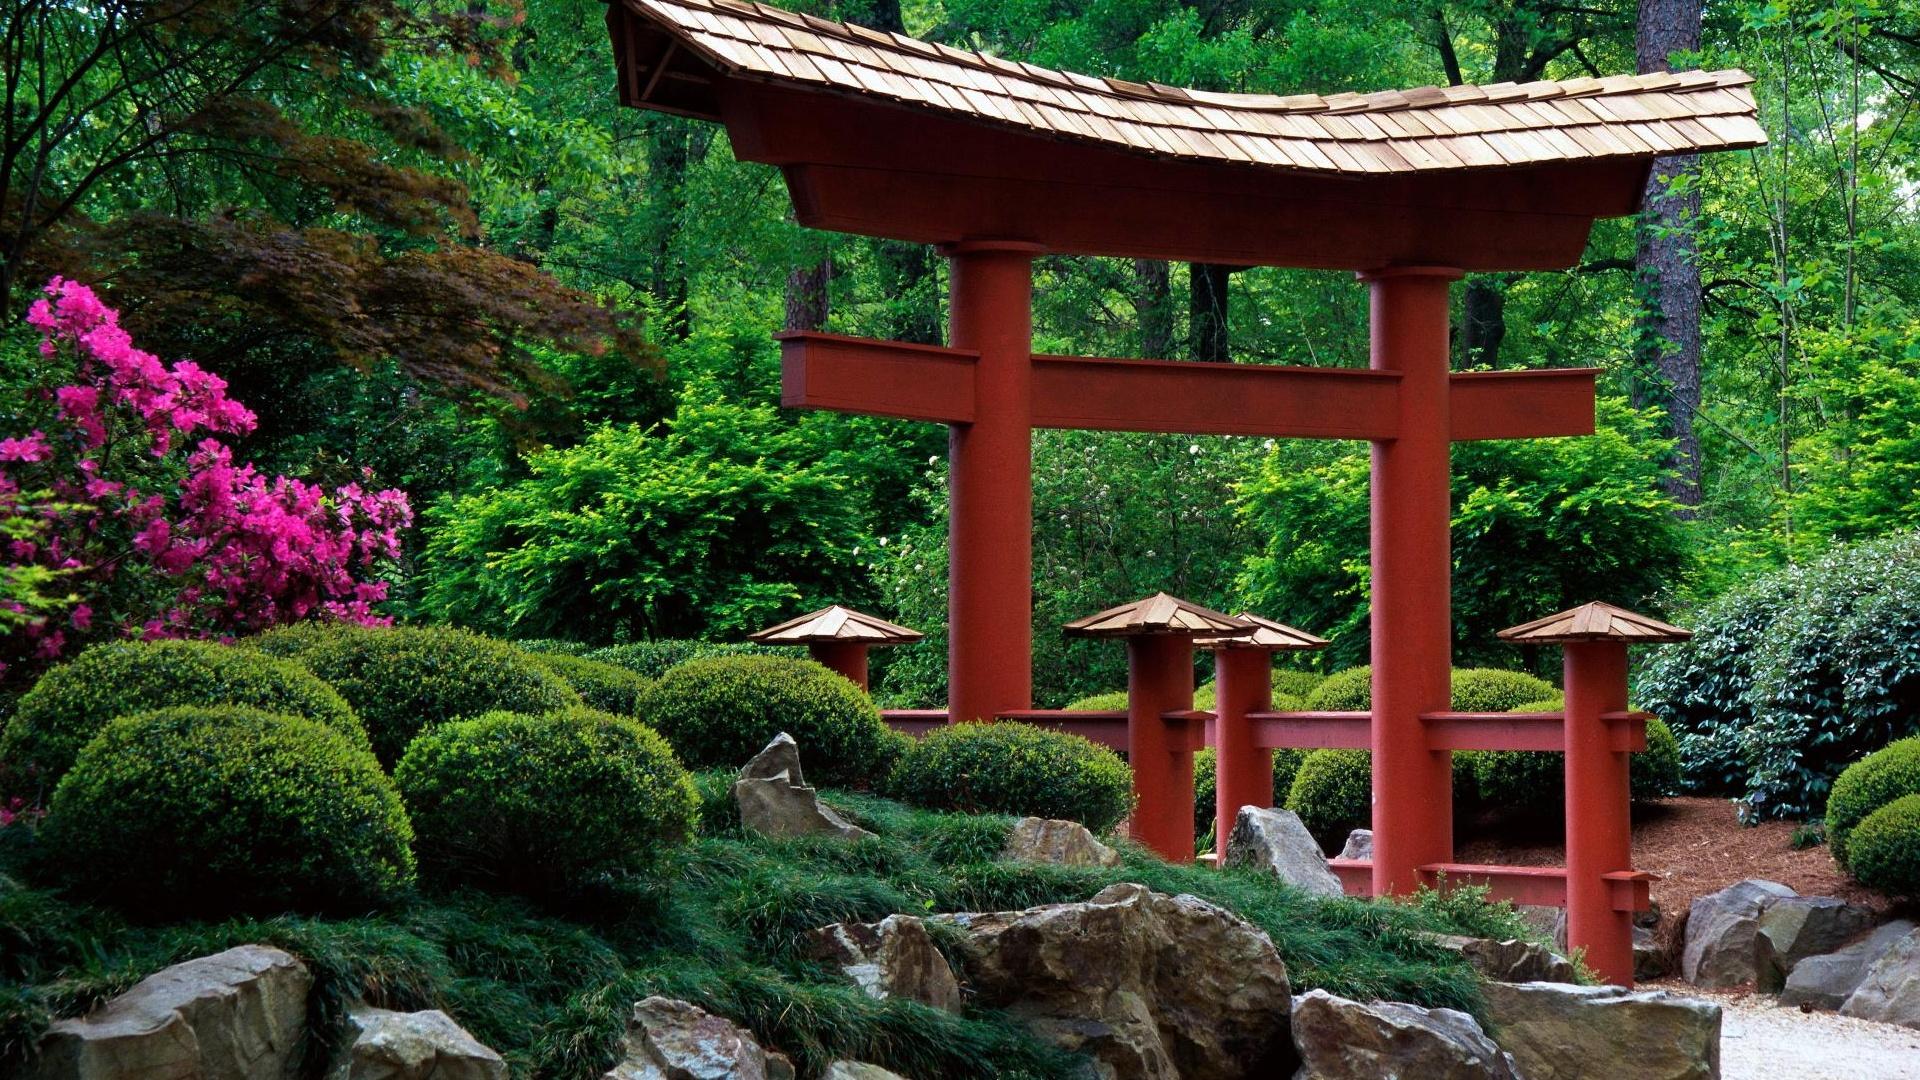 Japan Garden Wallpaper 1920x1080 Asians